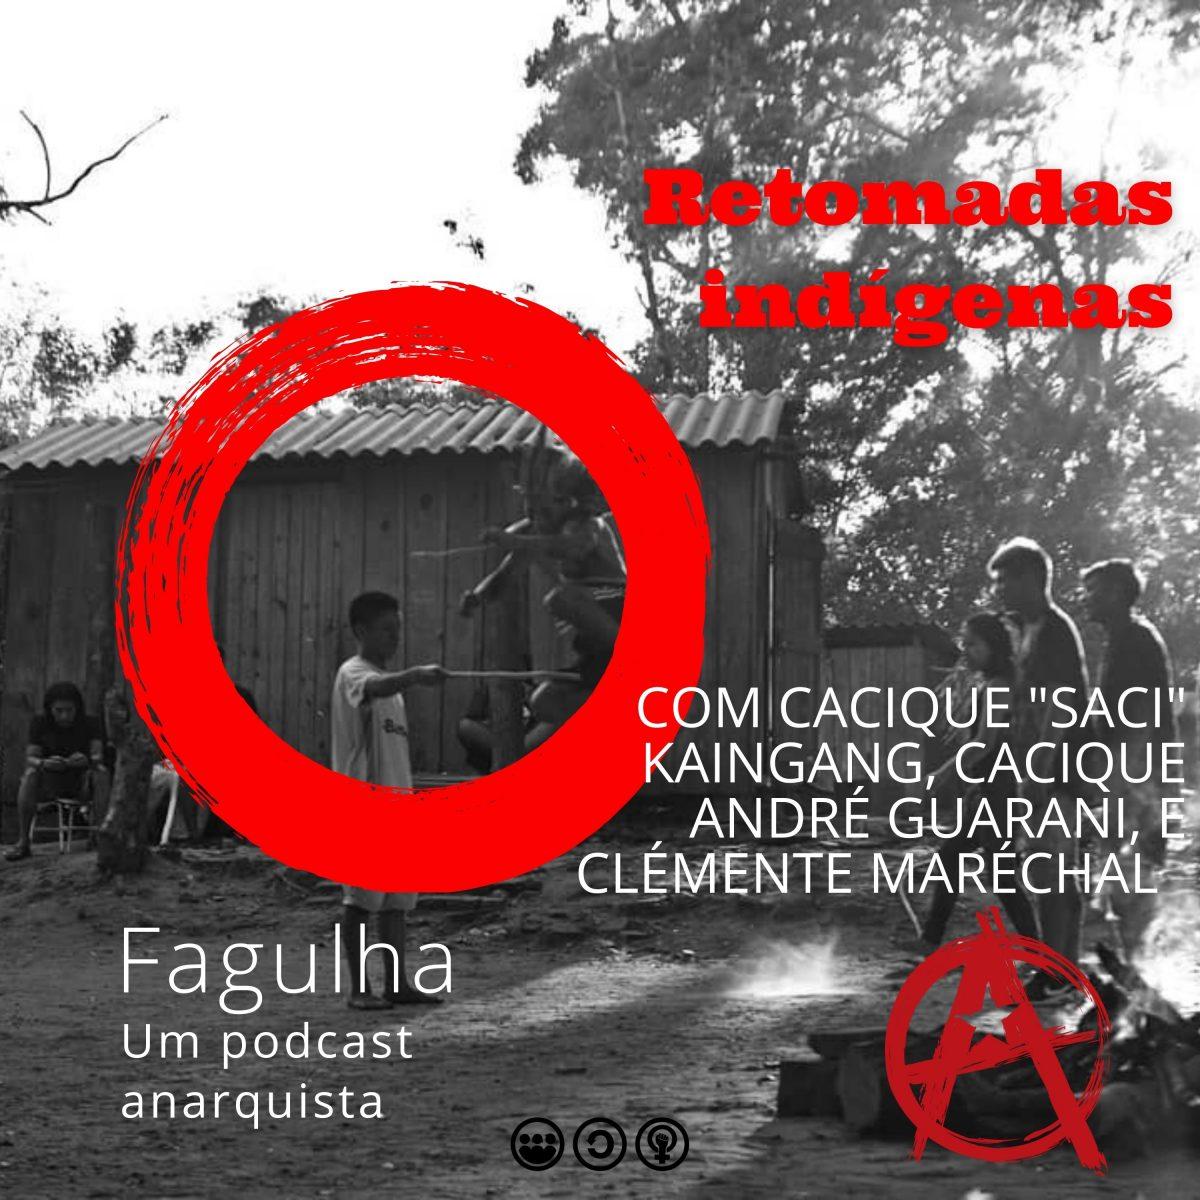 """Fagulha #30: Retomadas indígenas, com cacique """"Saci"""" Kaingang, cacique André Guarani, e Clémentine Maréchal"""